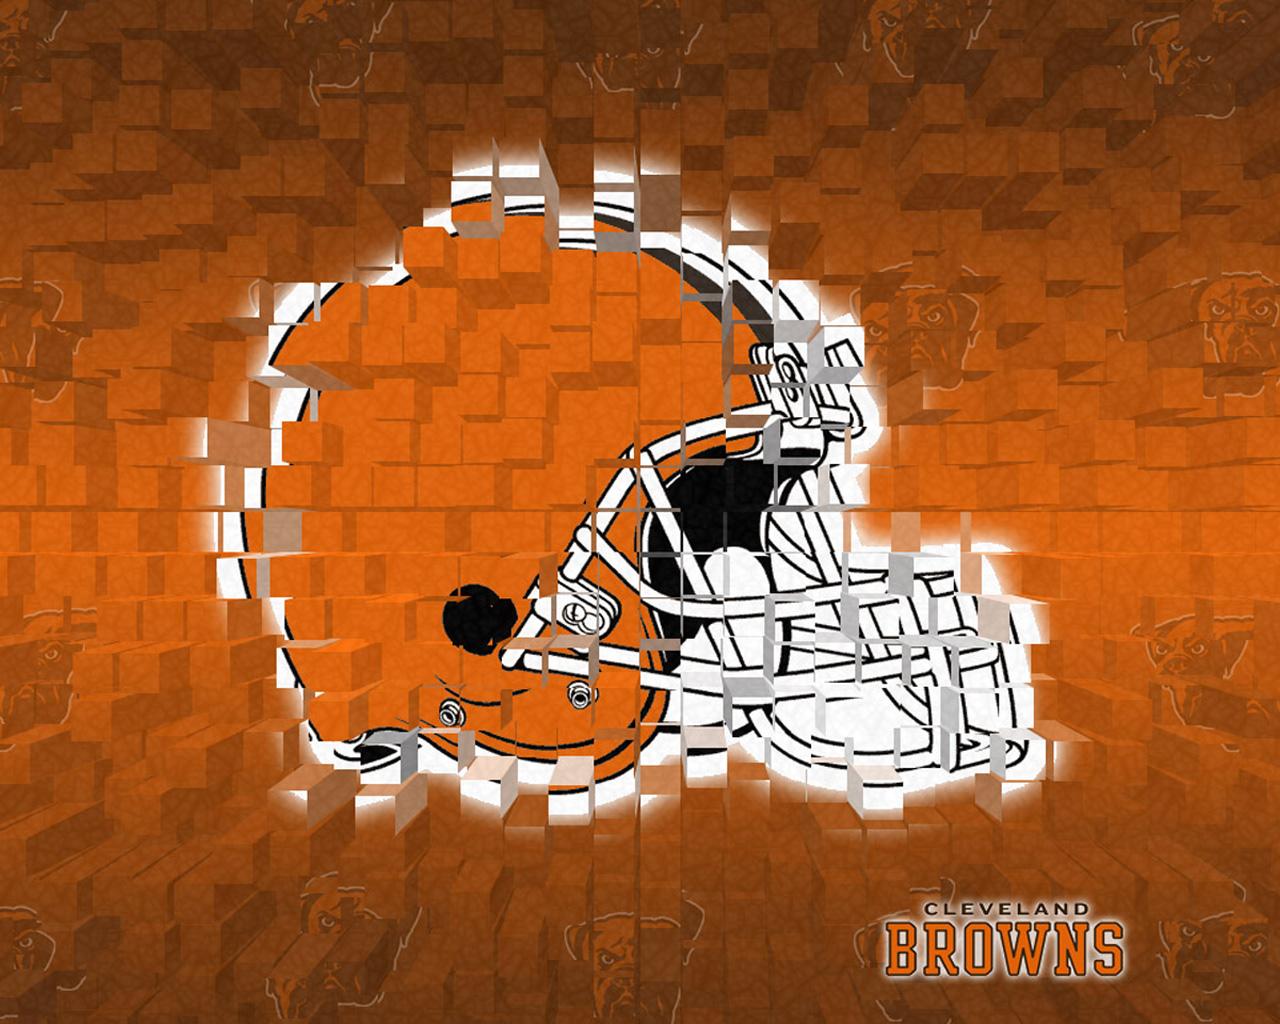 NFL Team Logos Wallpapers, AFC Teams (1280 X 1024 Pixels